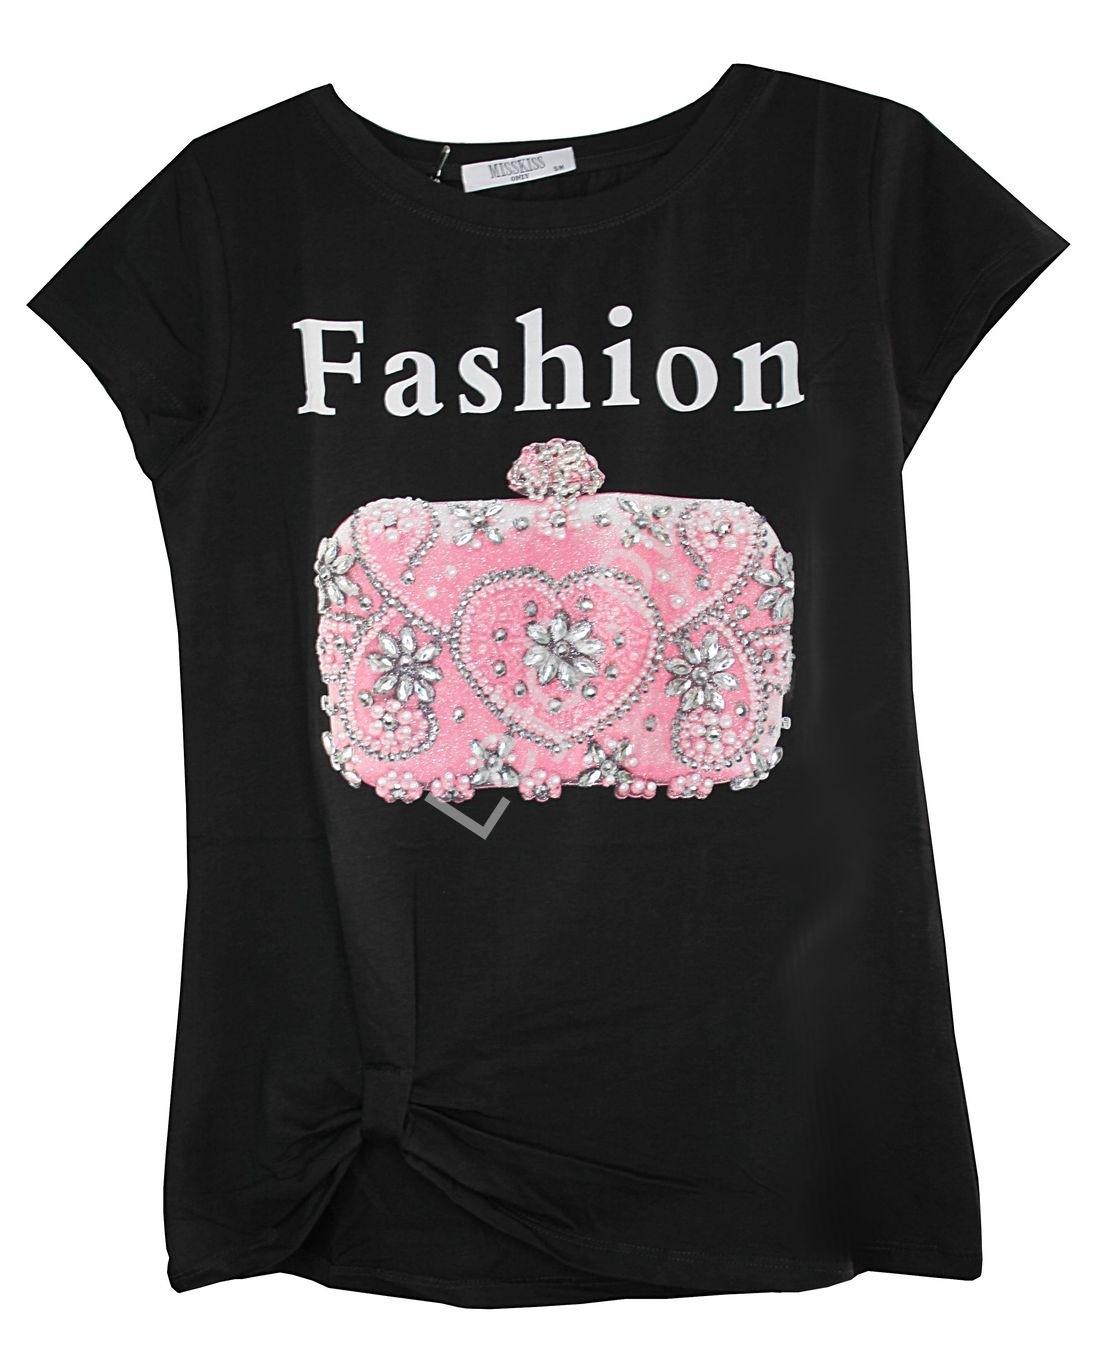 Czarny t-shirt damski z napisem fashion i zdobioną kryształkami torebką